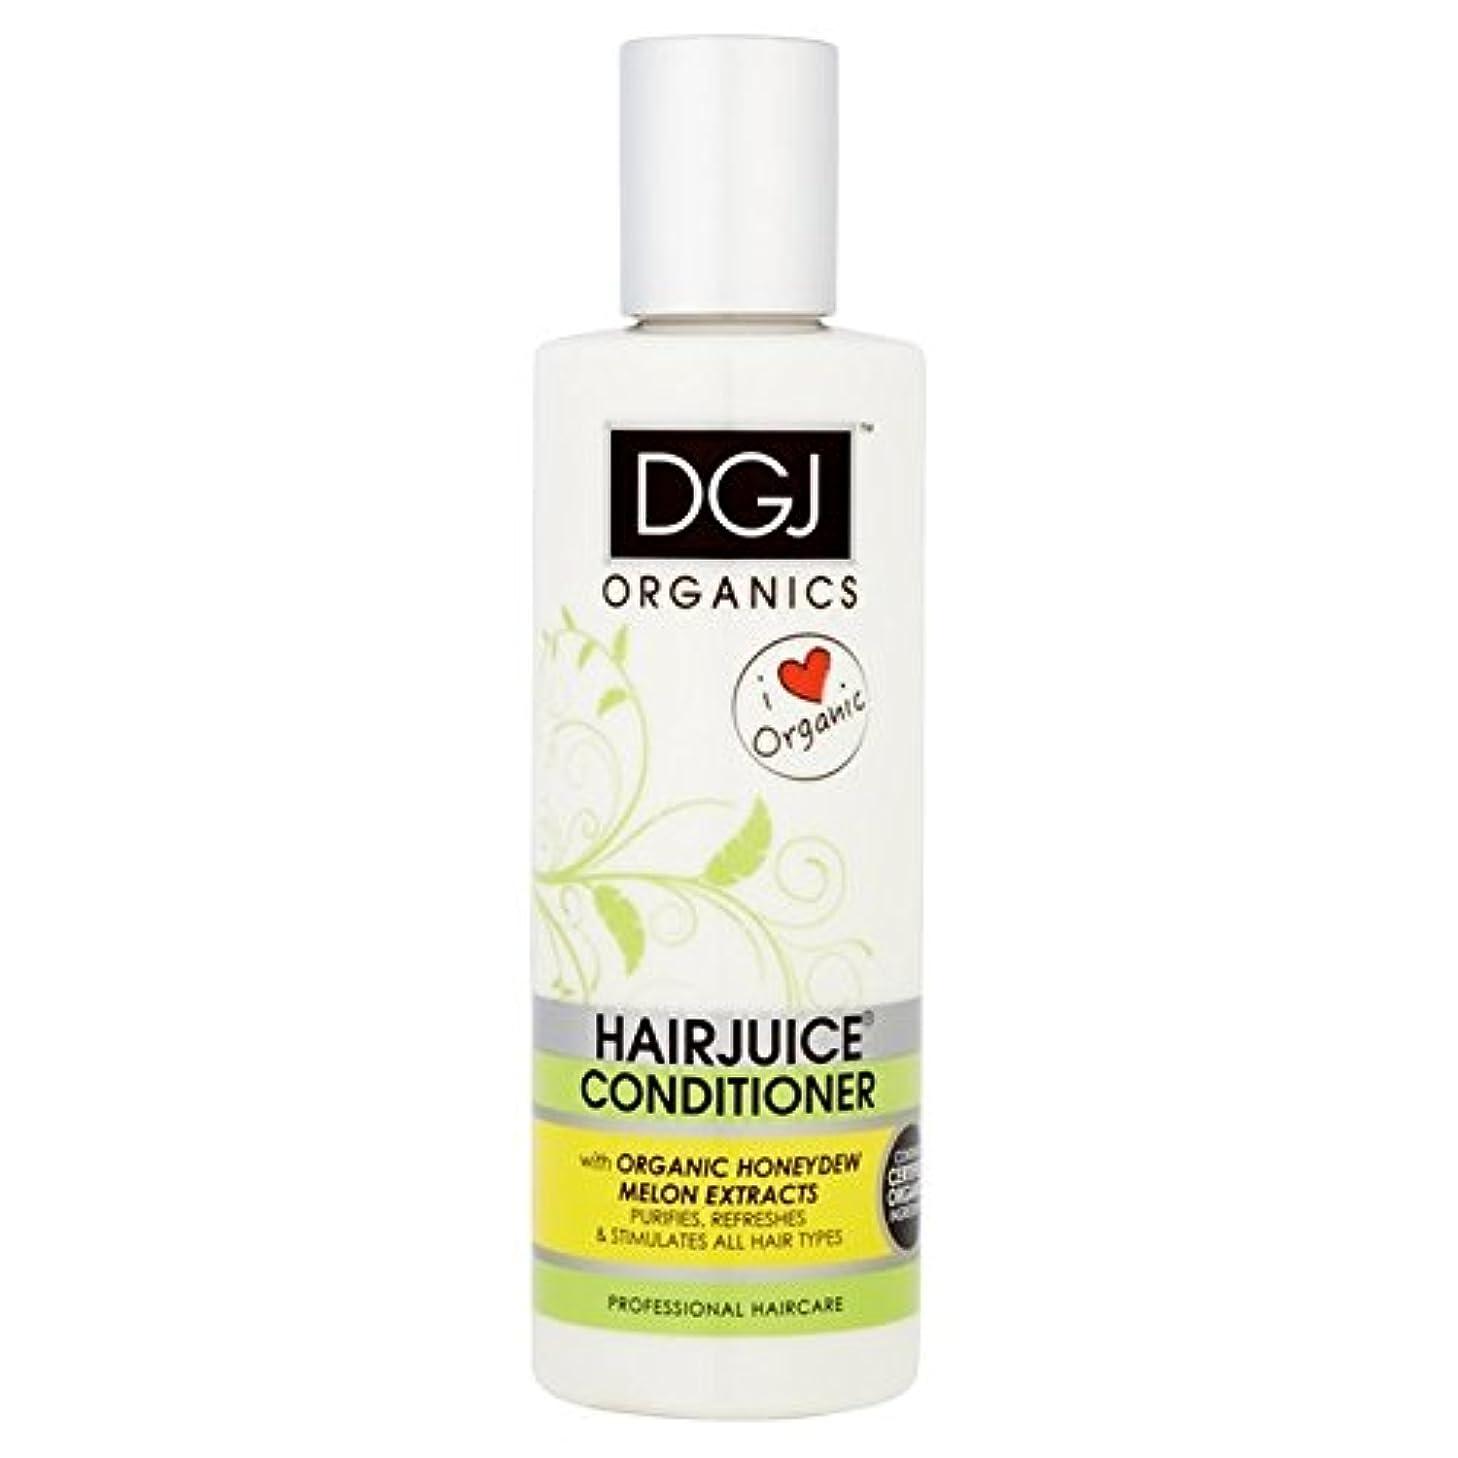 モルヒネセンチメートル保有者DGJ Organic Hairjuice Melon Conditioner 250ml (Pack of 6) - 有機メロンコンディショナー250 x6 [並行輸入品]